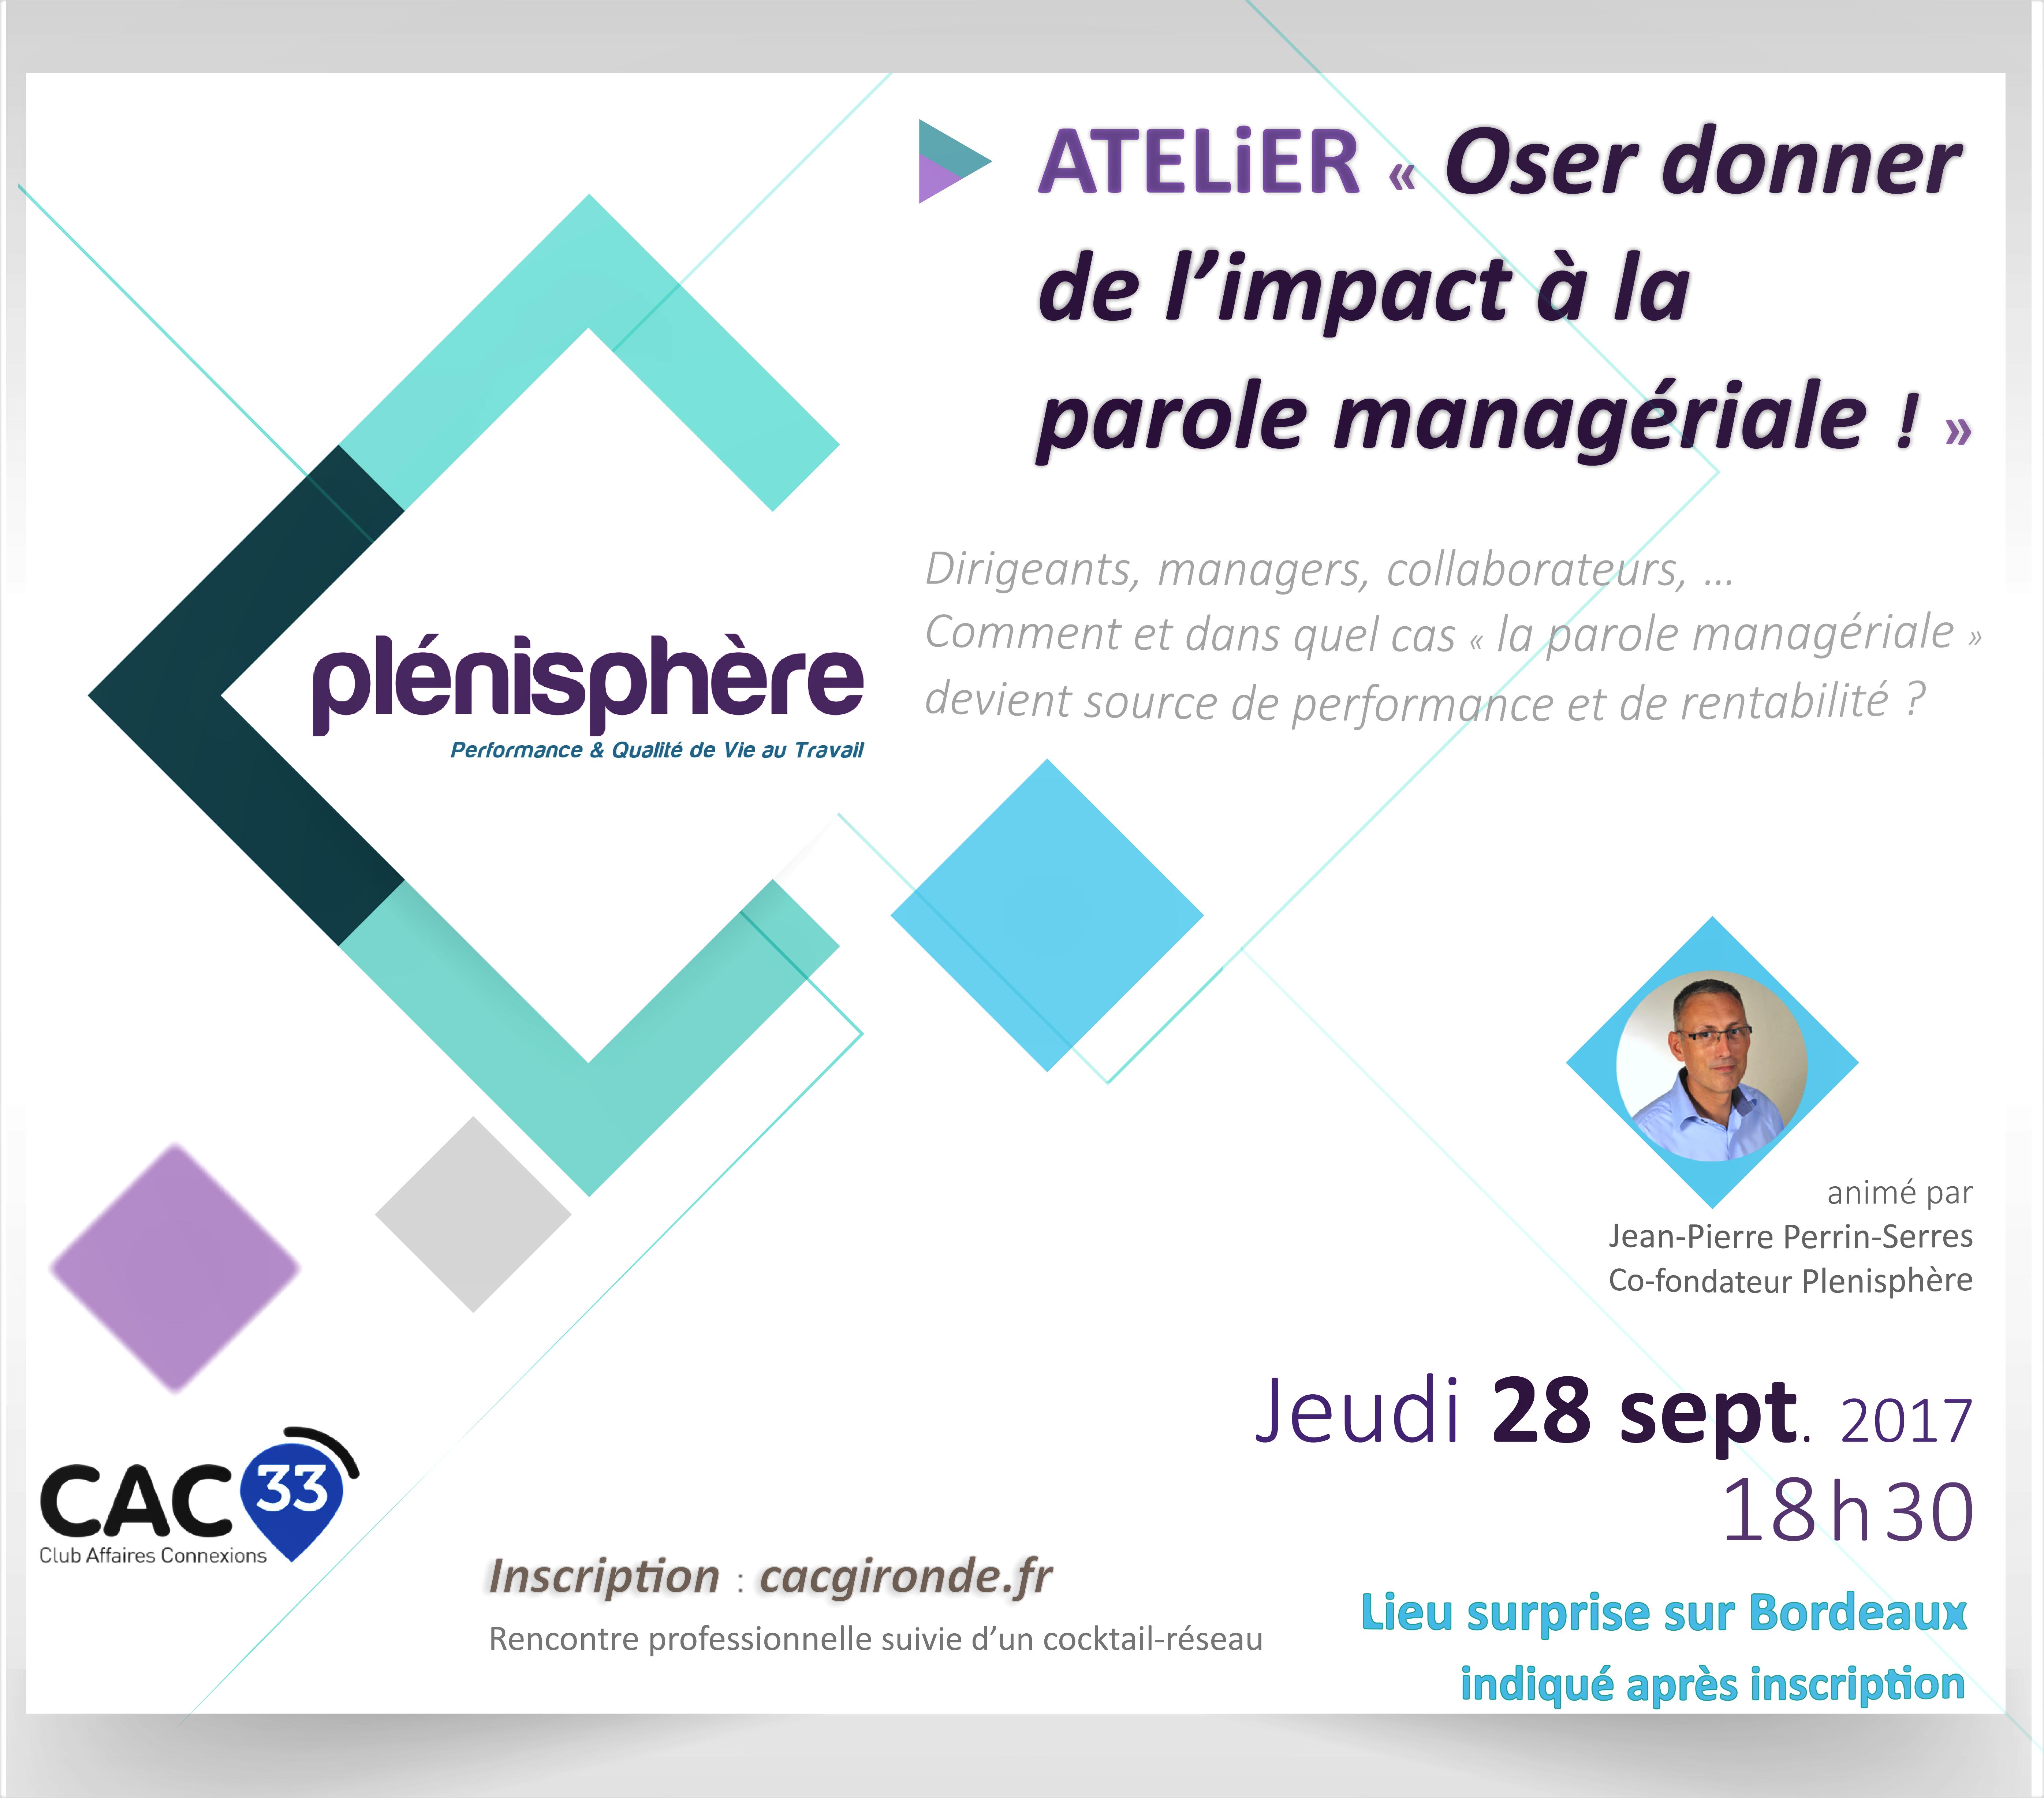 Atelier_Plenisphere_parole_manageriale_Bordeaux